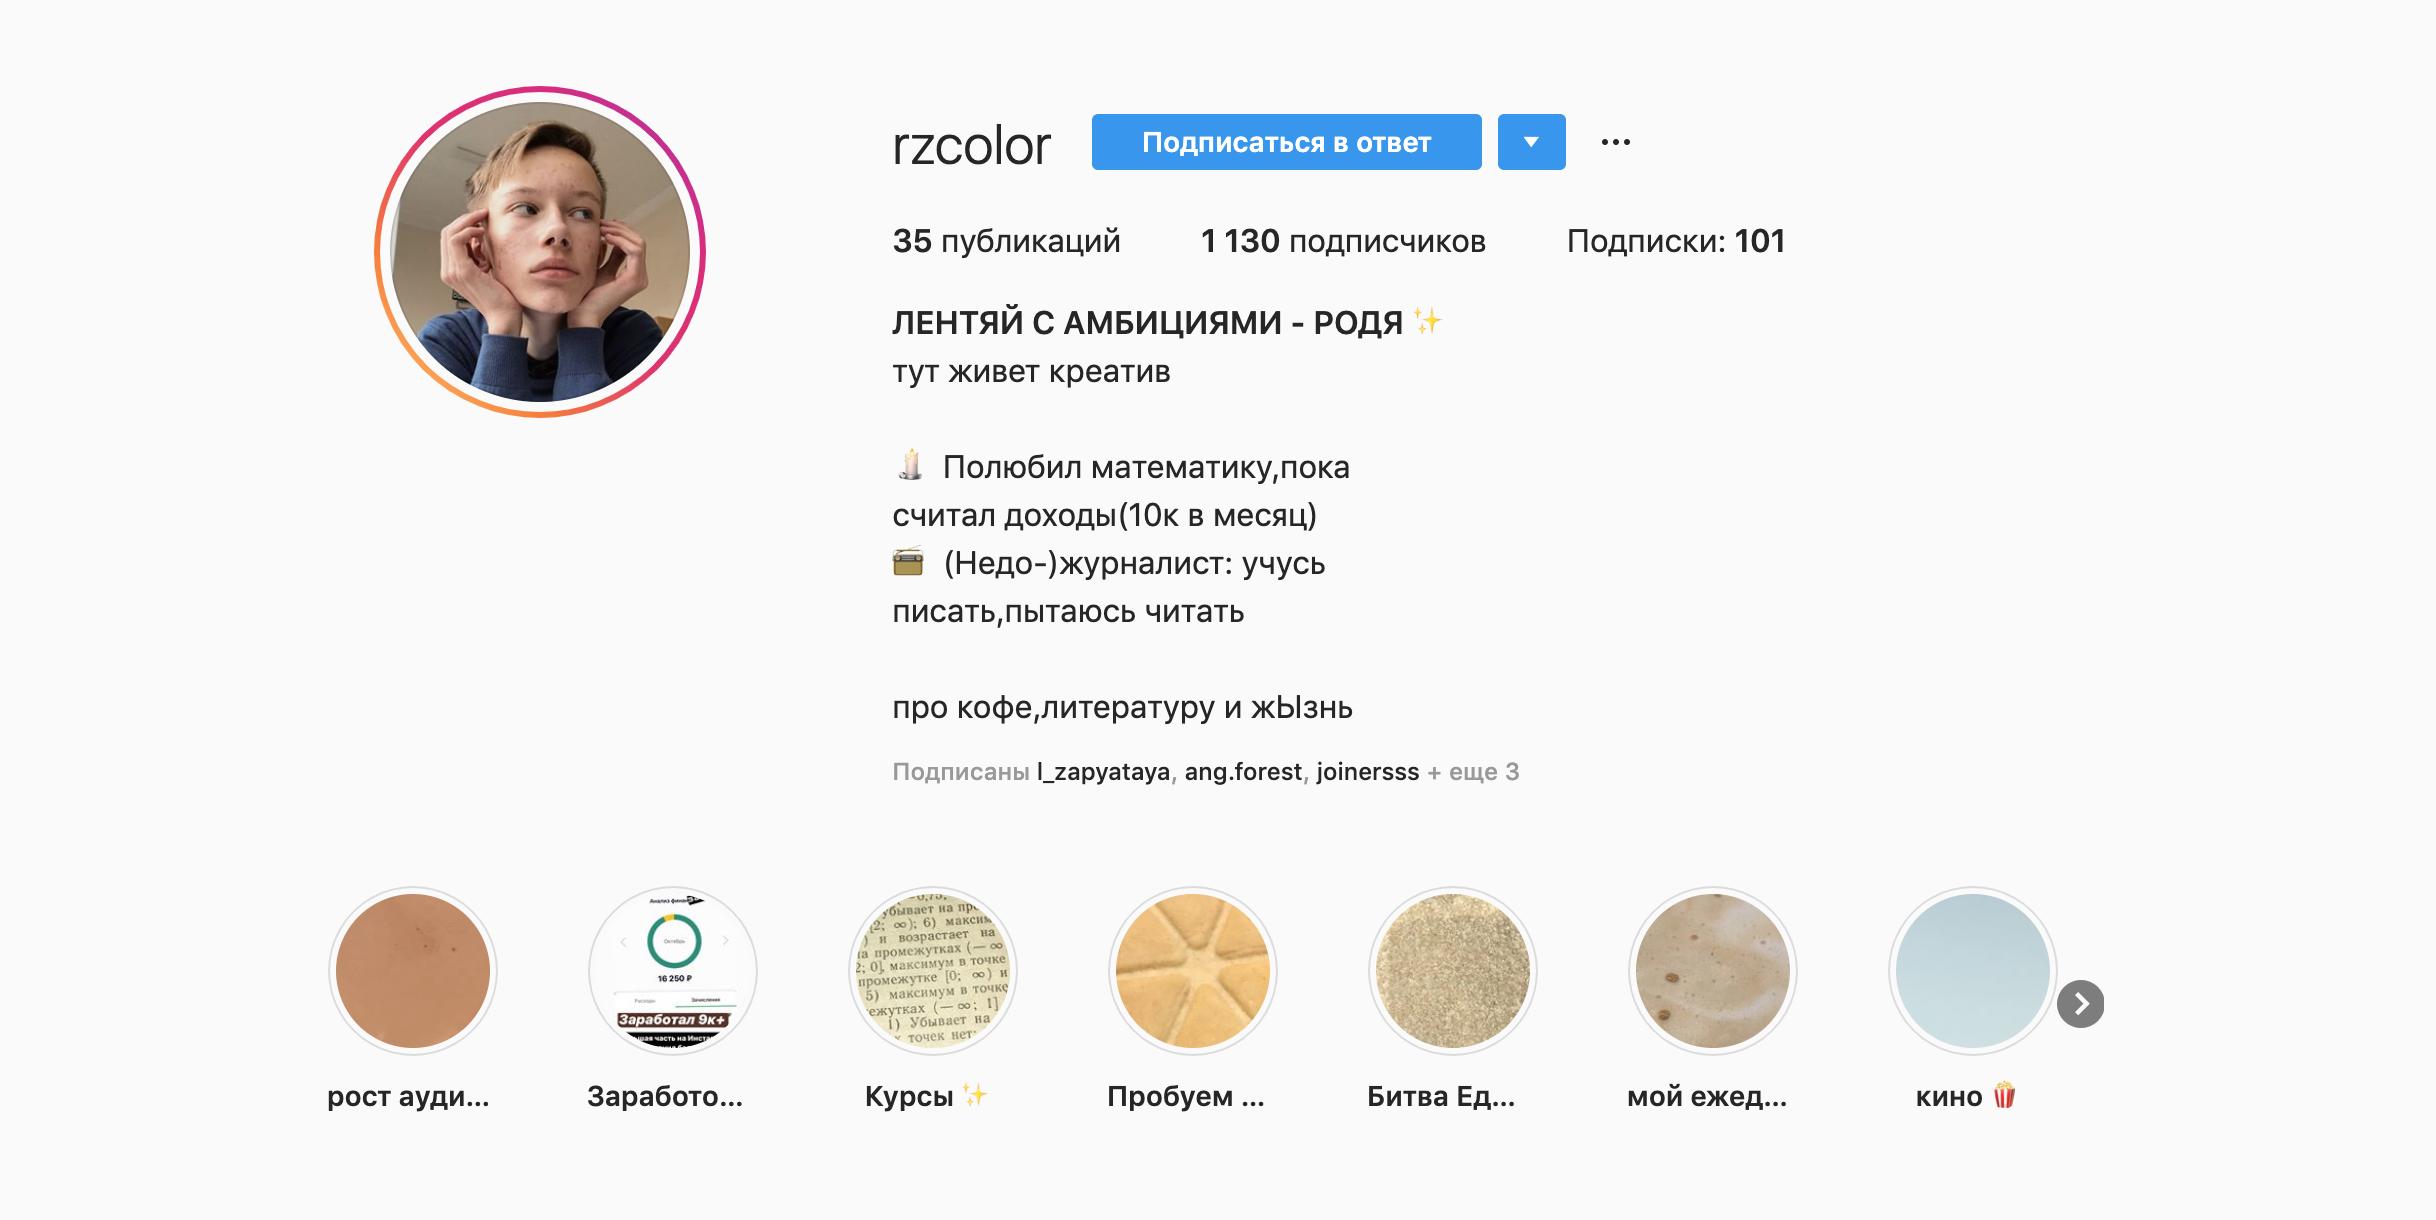 Тренды instagram 2020: что мы будем смотреть и лайкать?